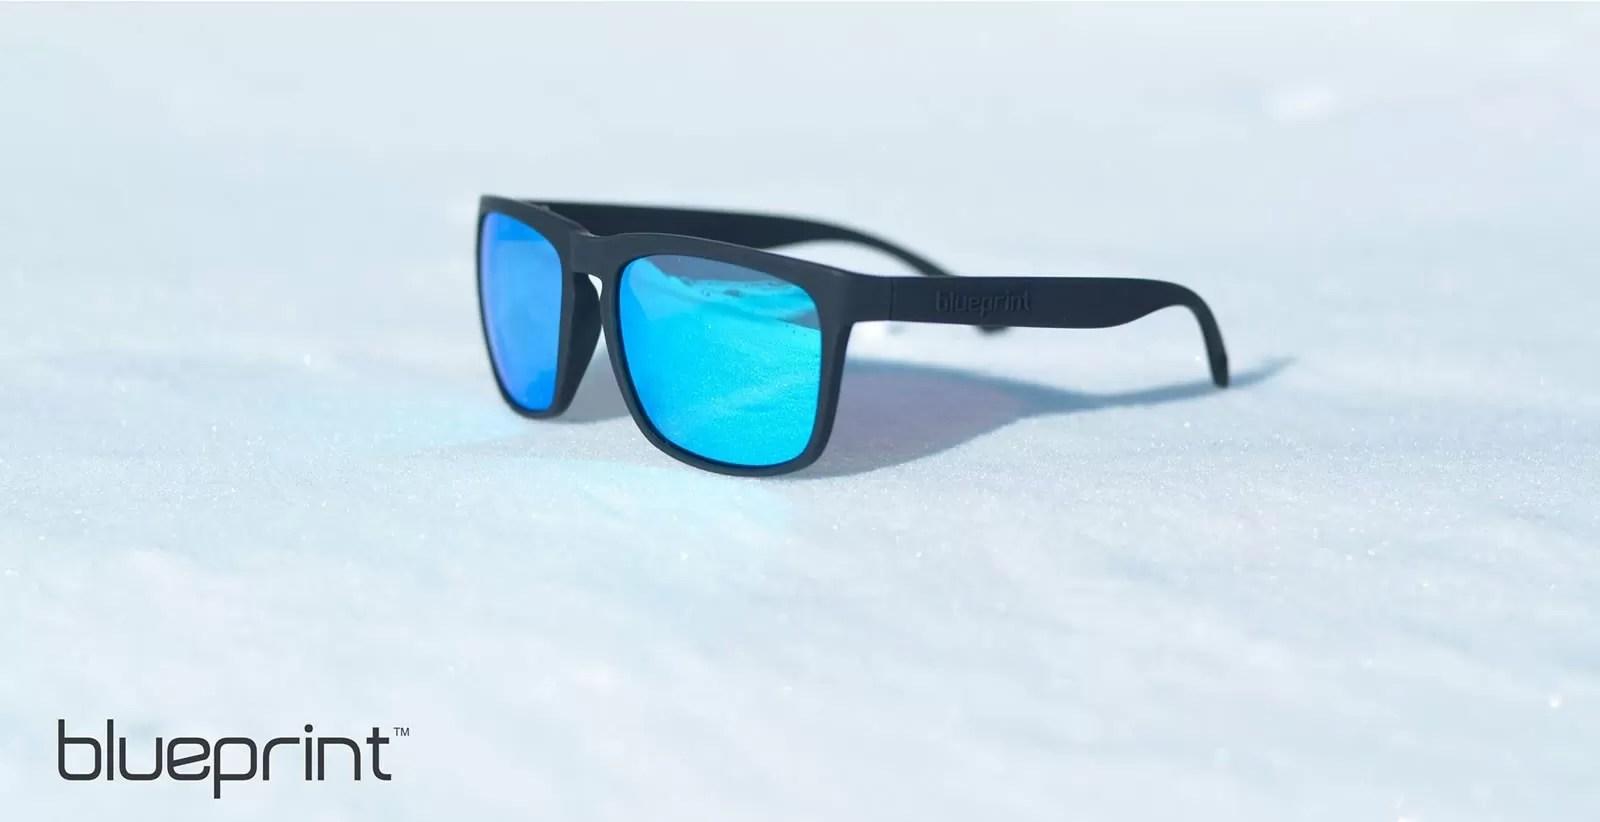 688bd6b8db576a WIN-ACTIE  Win een Blueprint zonnebril met Snowrepublic